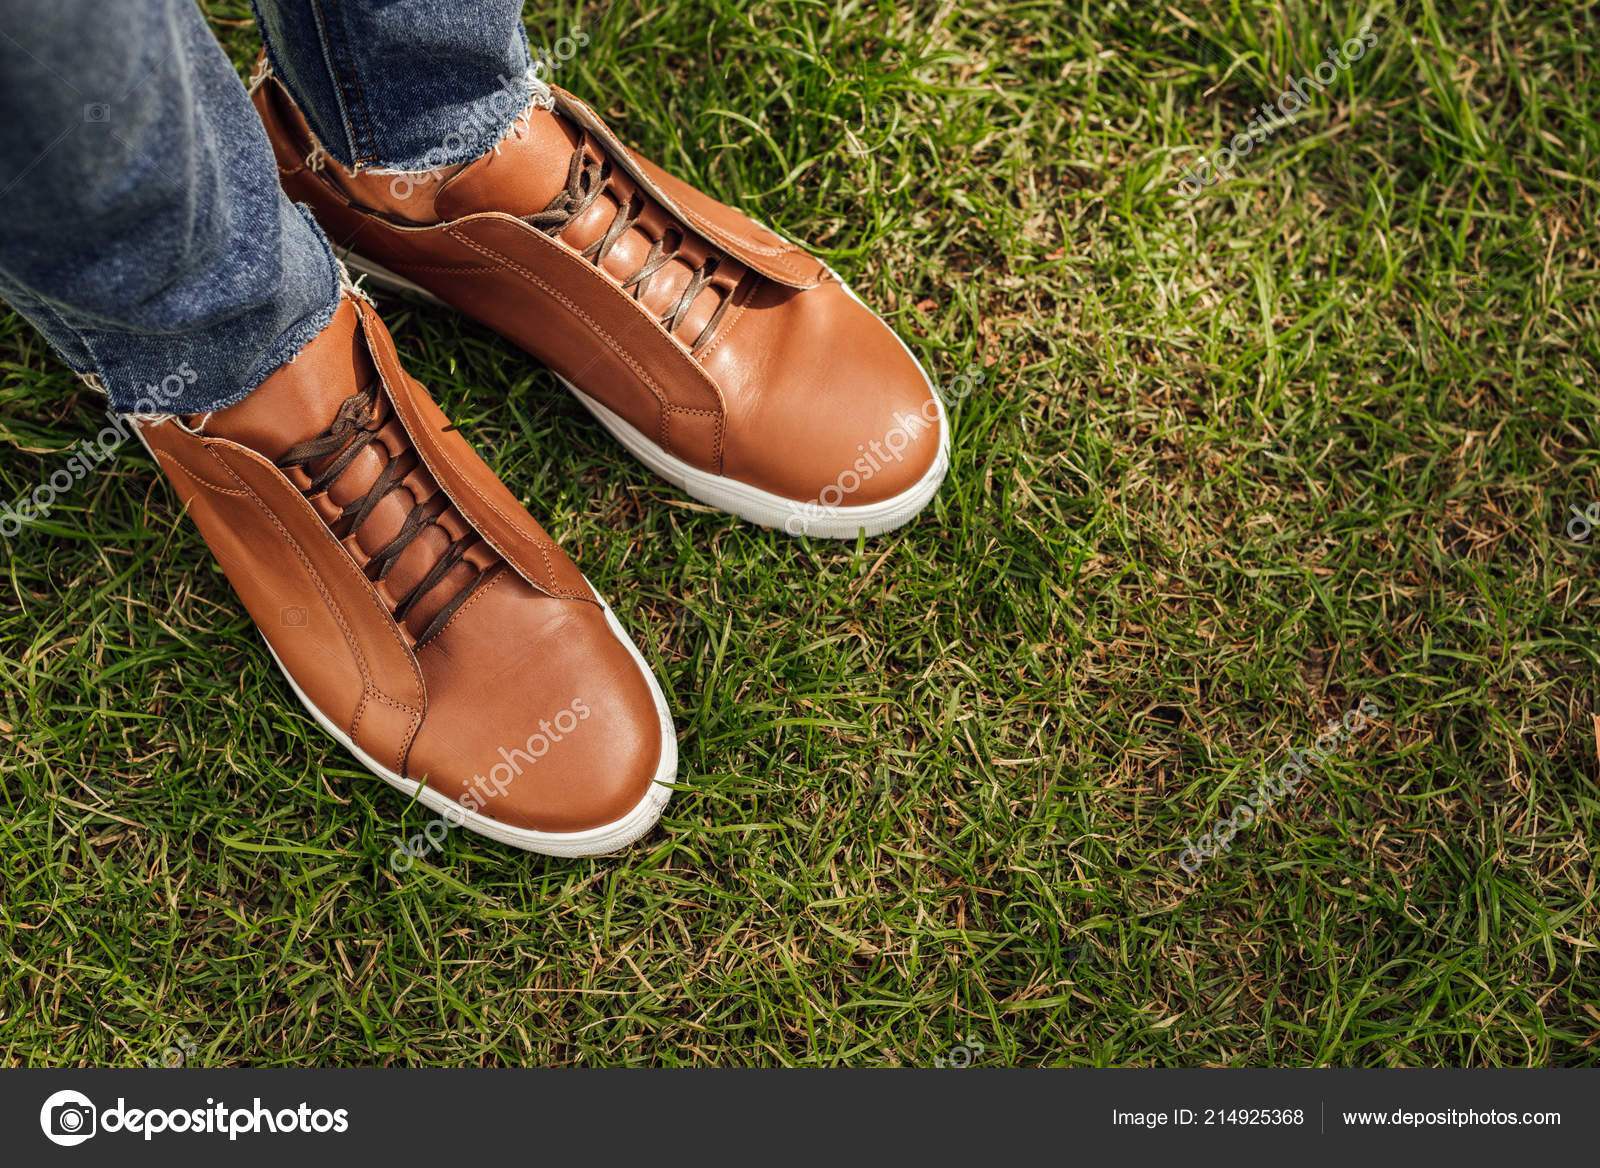 Vaqueros Pantalones Los Hombre Zapatos Recortada Del Imagen Marrones Ofz8HIXwc